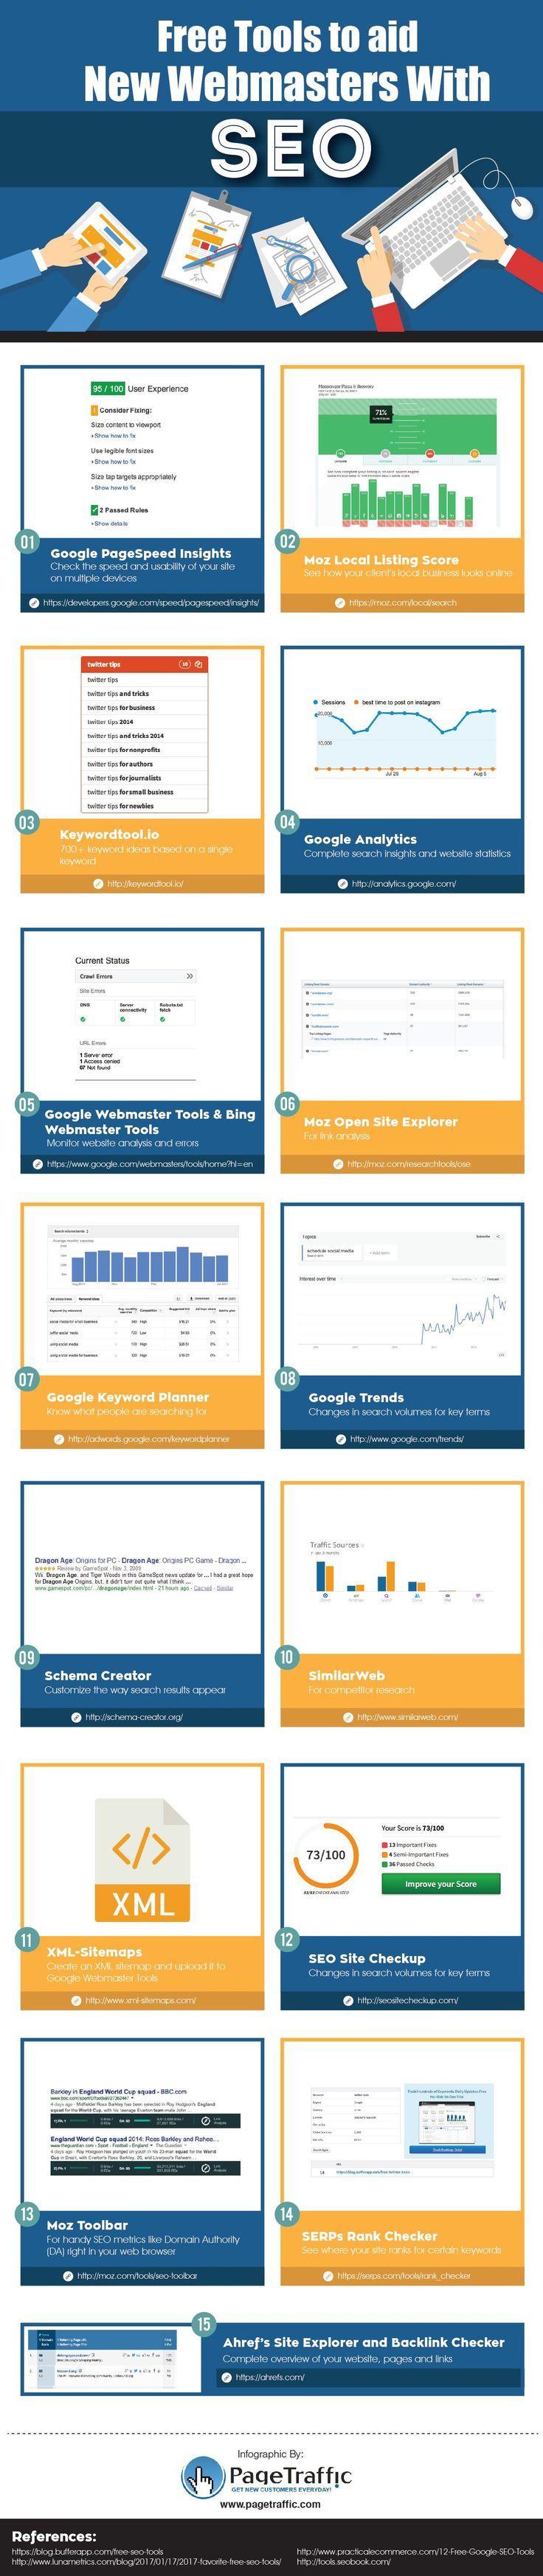 Kostenlose SEO-Tools zur Unterstützung neuer Webmaster [Infographic] | Suchmaschinenoptimierung …